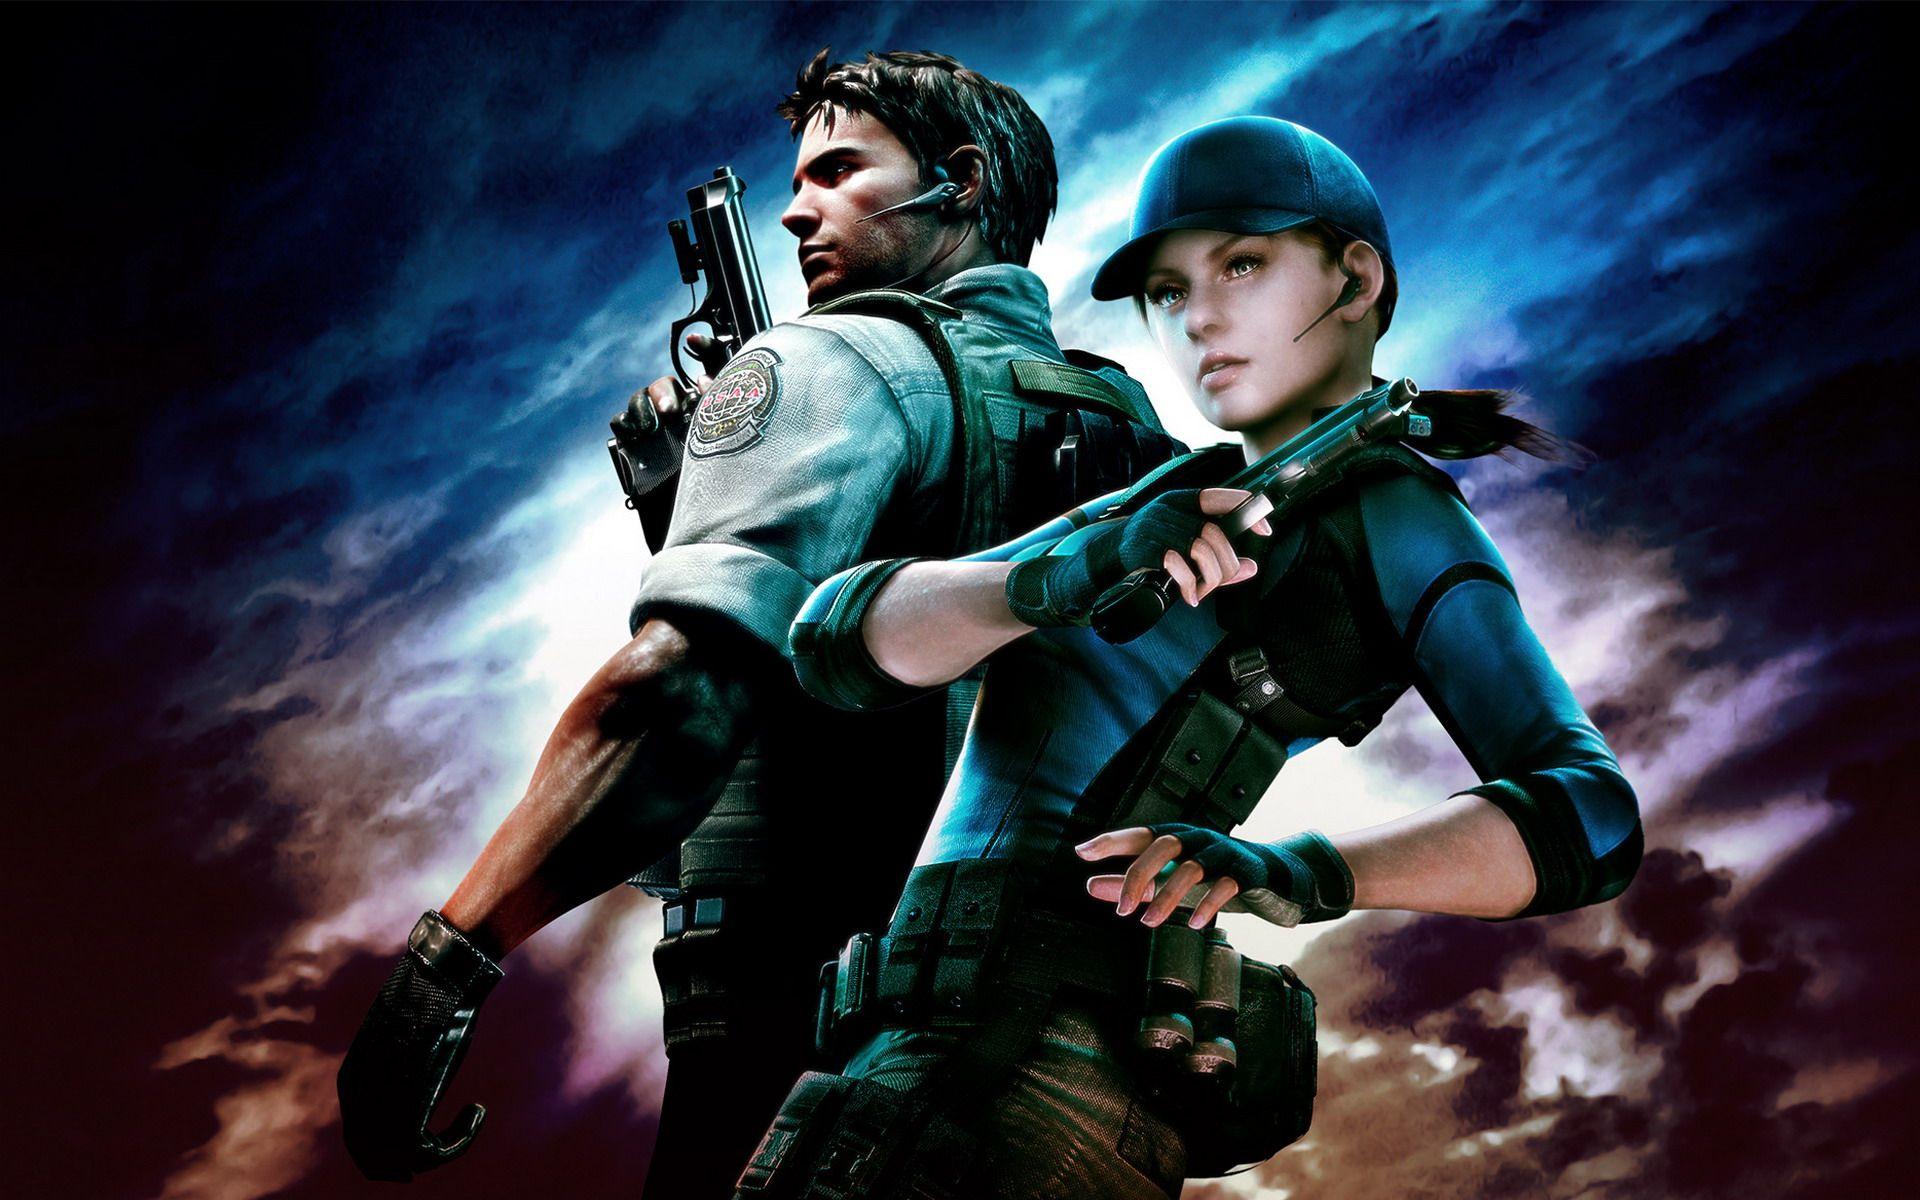 Resident Evil 5 Remaster Review Goomba Stomp Resident Evil 5 Resident Evil Game Resident Evil